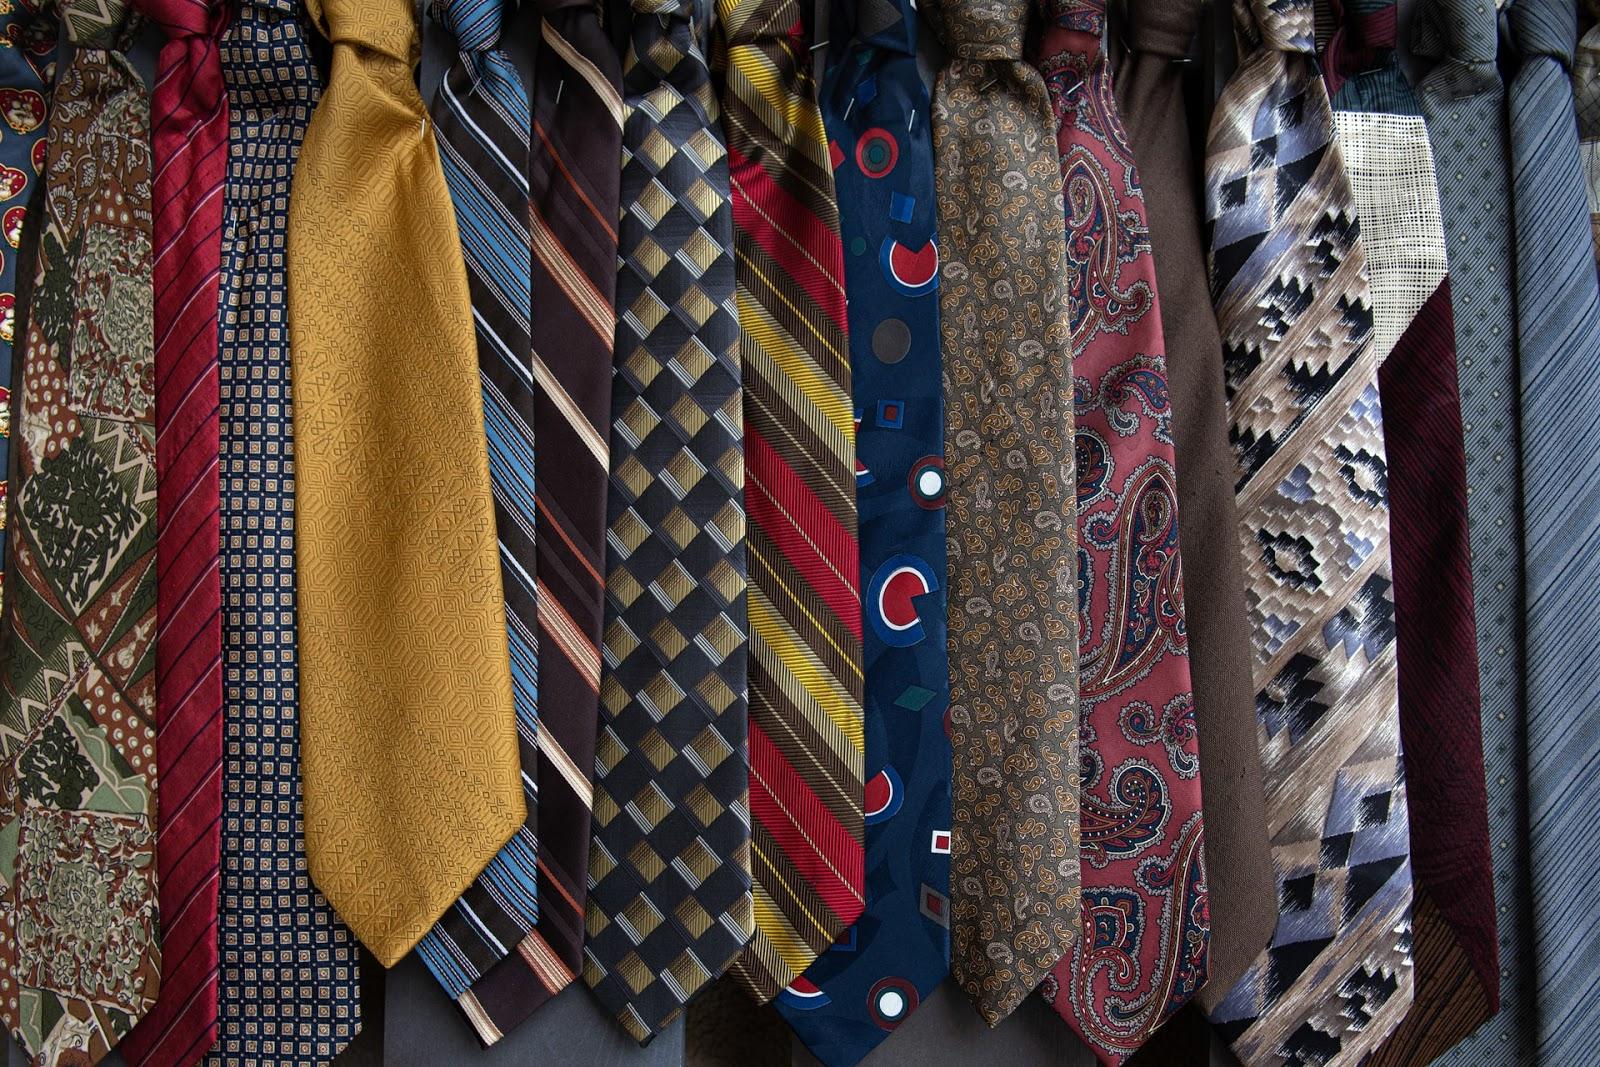 大事なネクタイを長く使うために!ネクタイのお手入れ方法